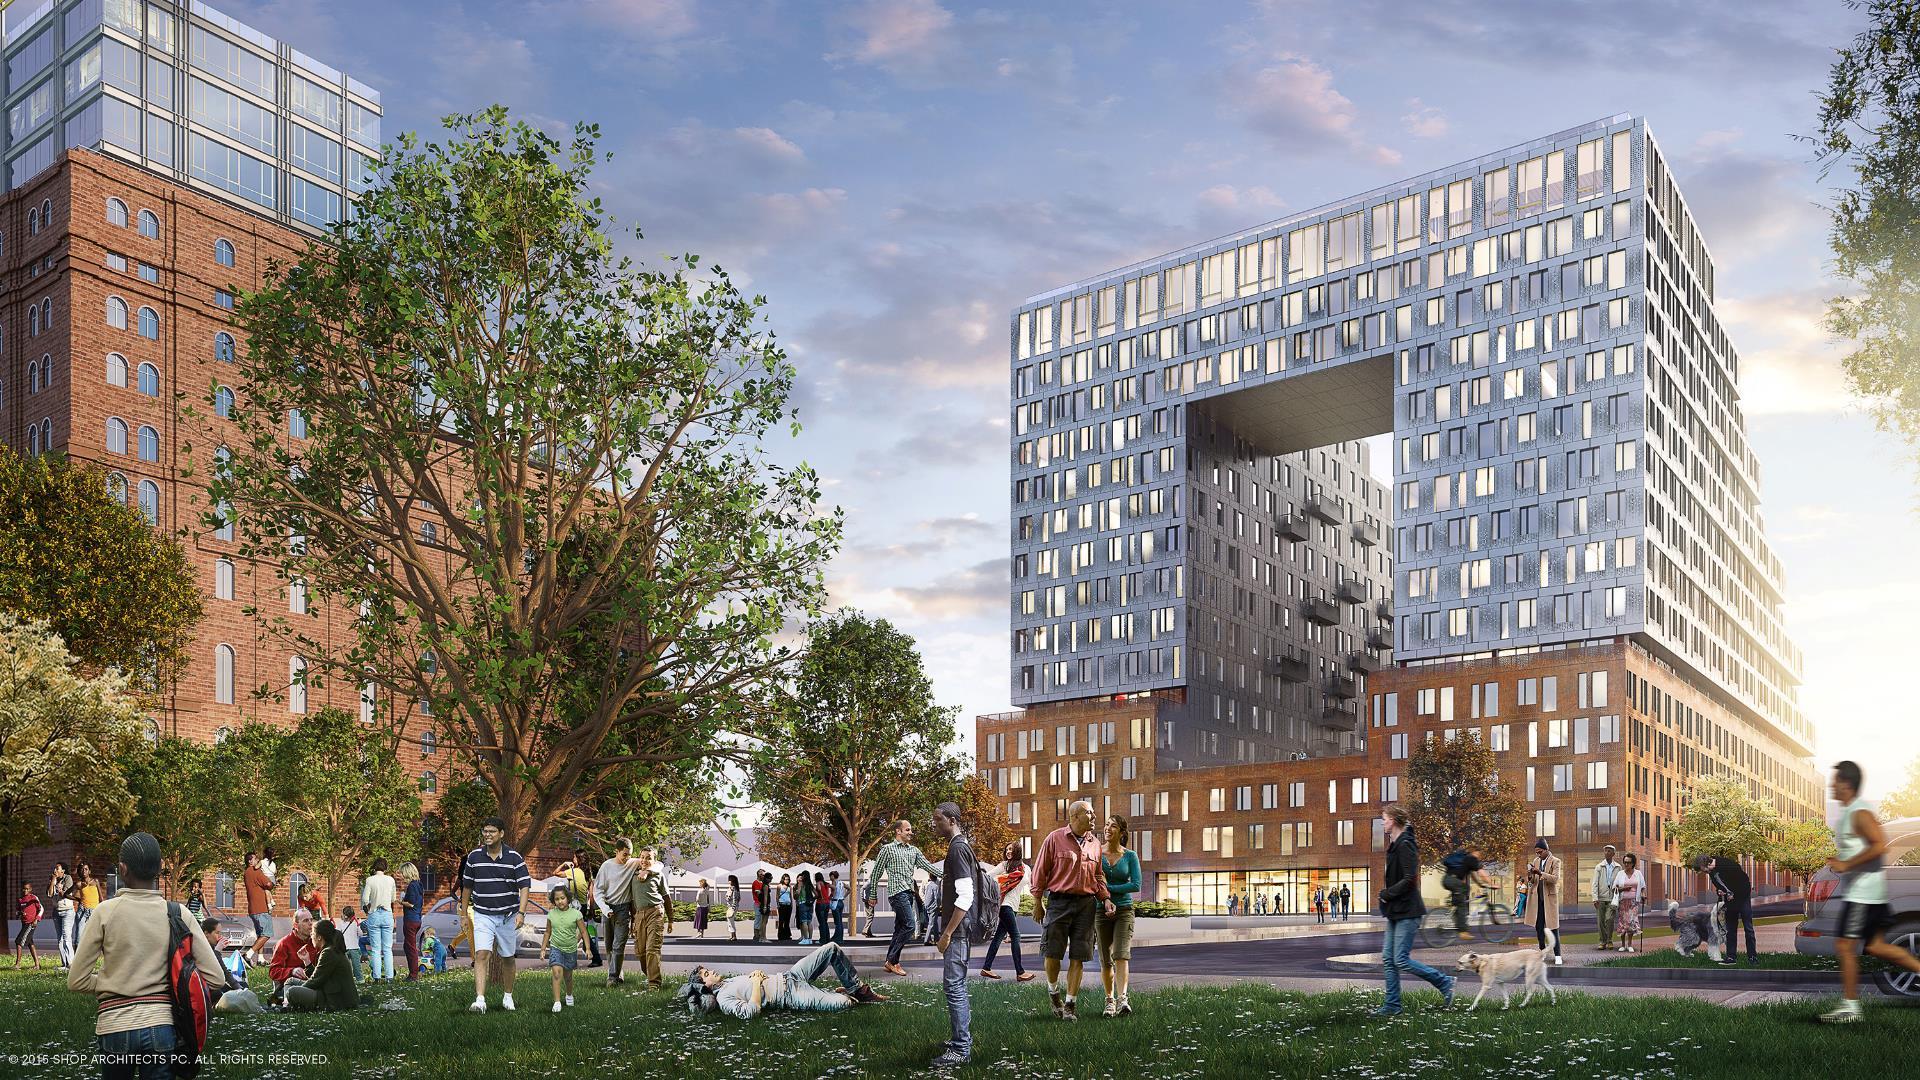 De los mismos arquitectos detrás del High Line, este será el nuevo parque de Nueva York